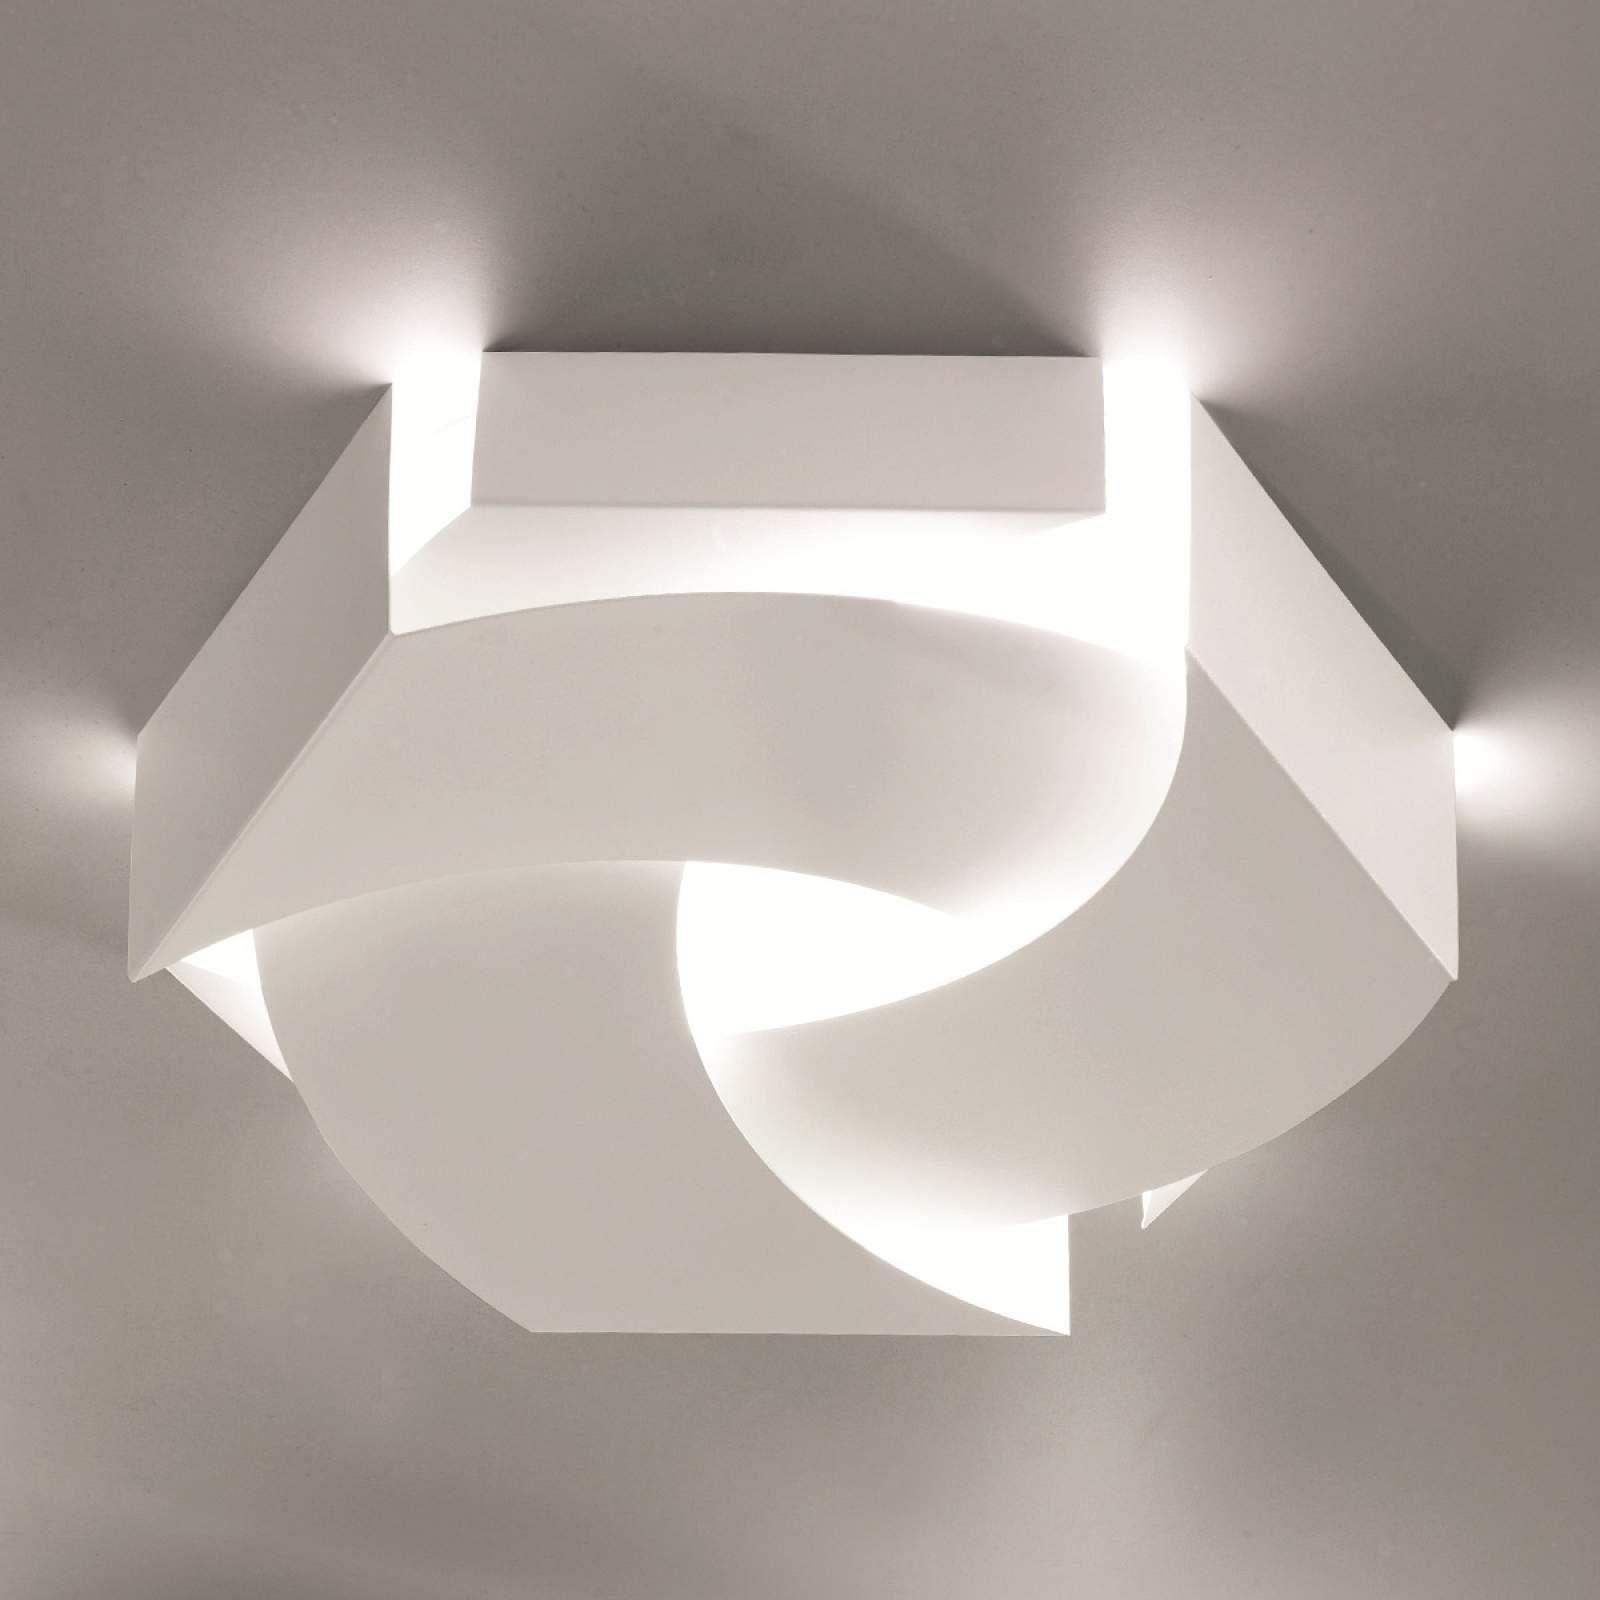 Designer Deckenleuchte Cosmo Von Selene Weiss Deckengestaltung Wohnzimmer Led Lampen Decke Und Moderne Wohnzimmergestaltung